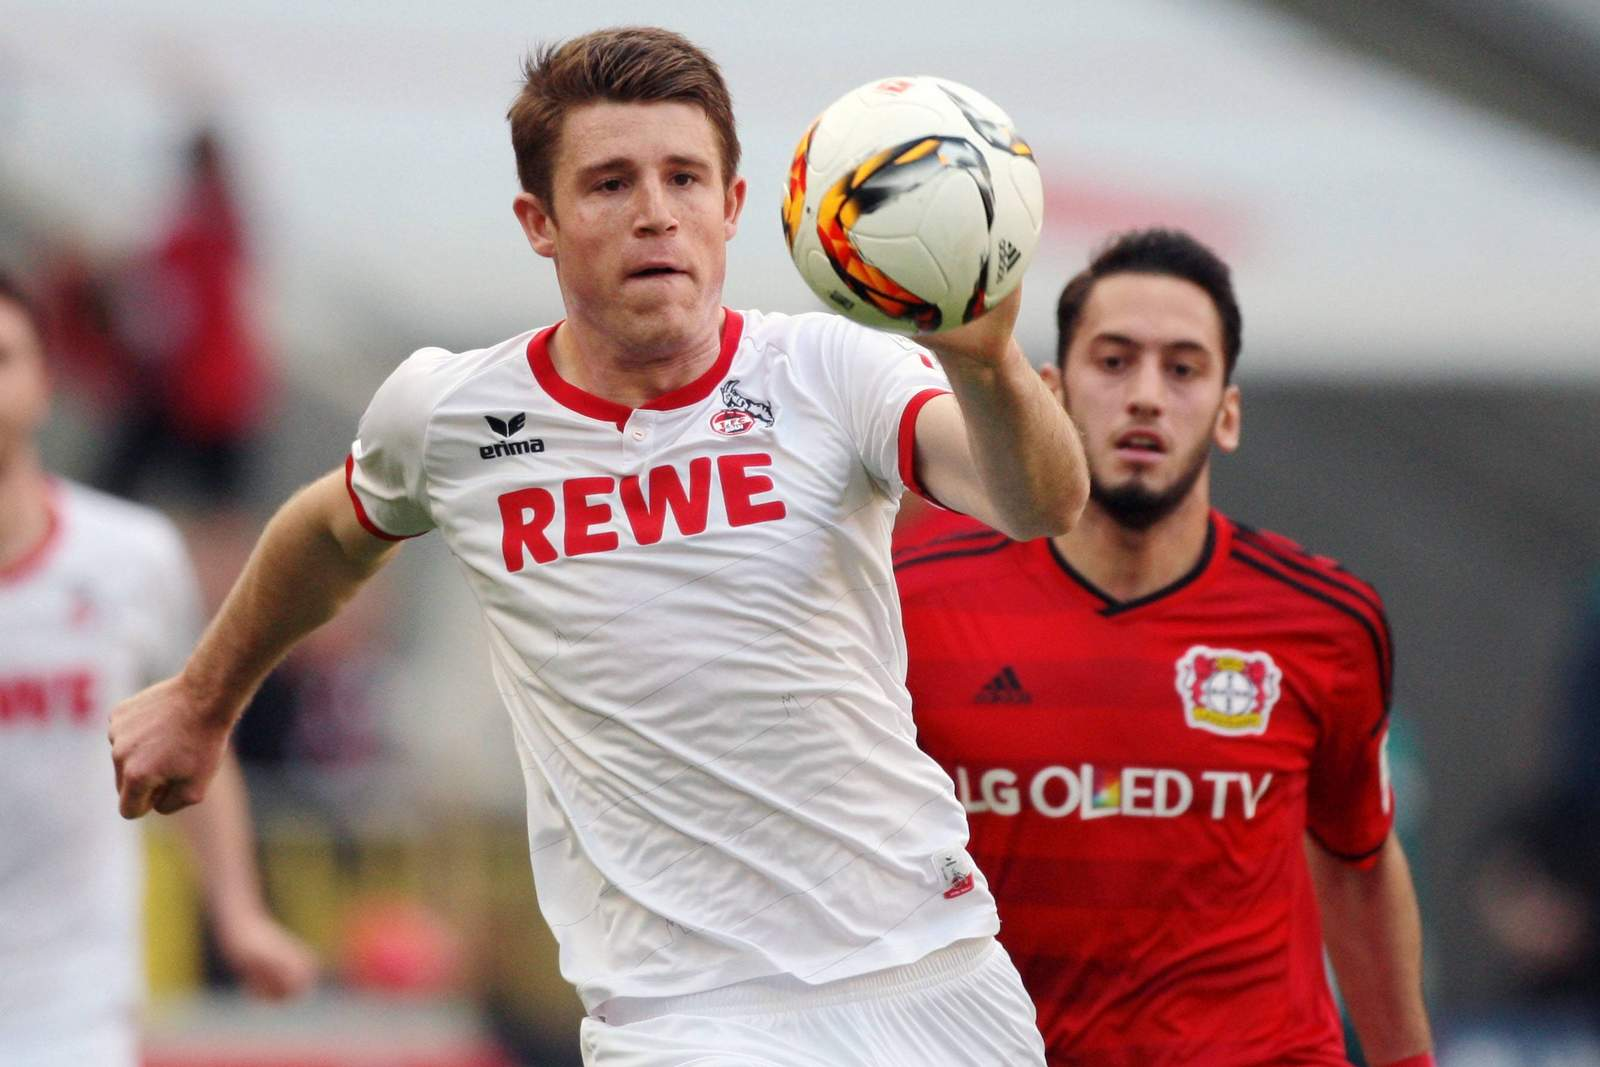 Setzt sich Heintz gegen Calhanoglu durch? Jetzt auf Köln gegen Leverkusen wetten